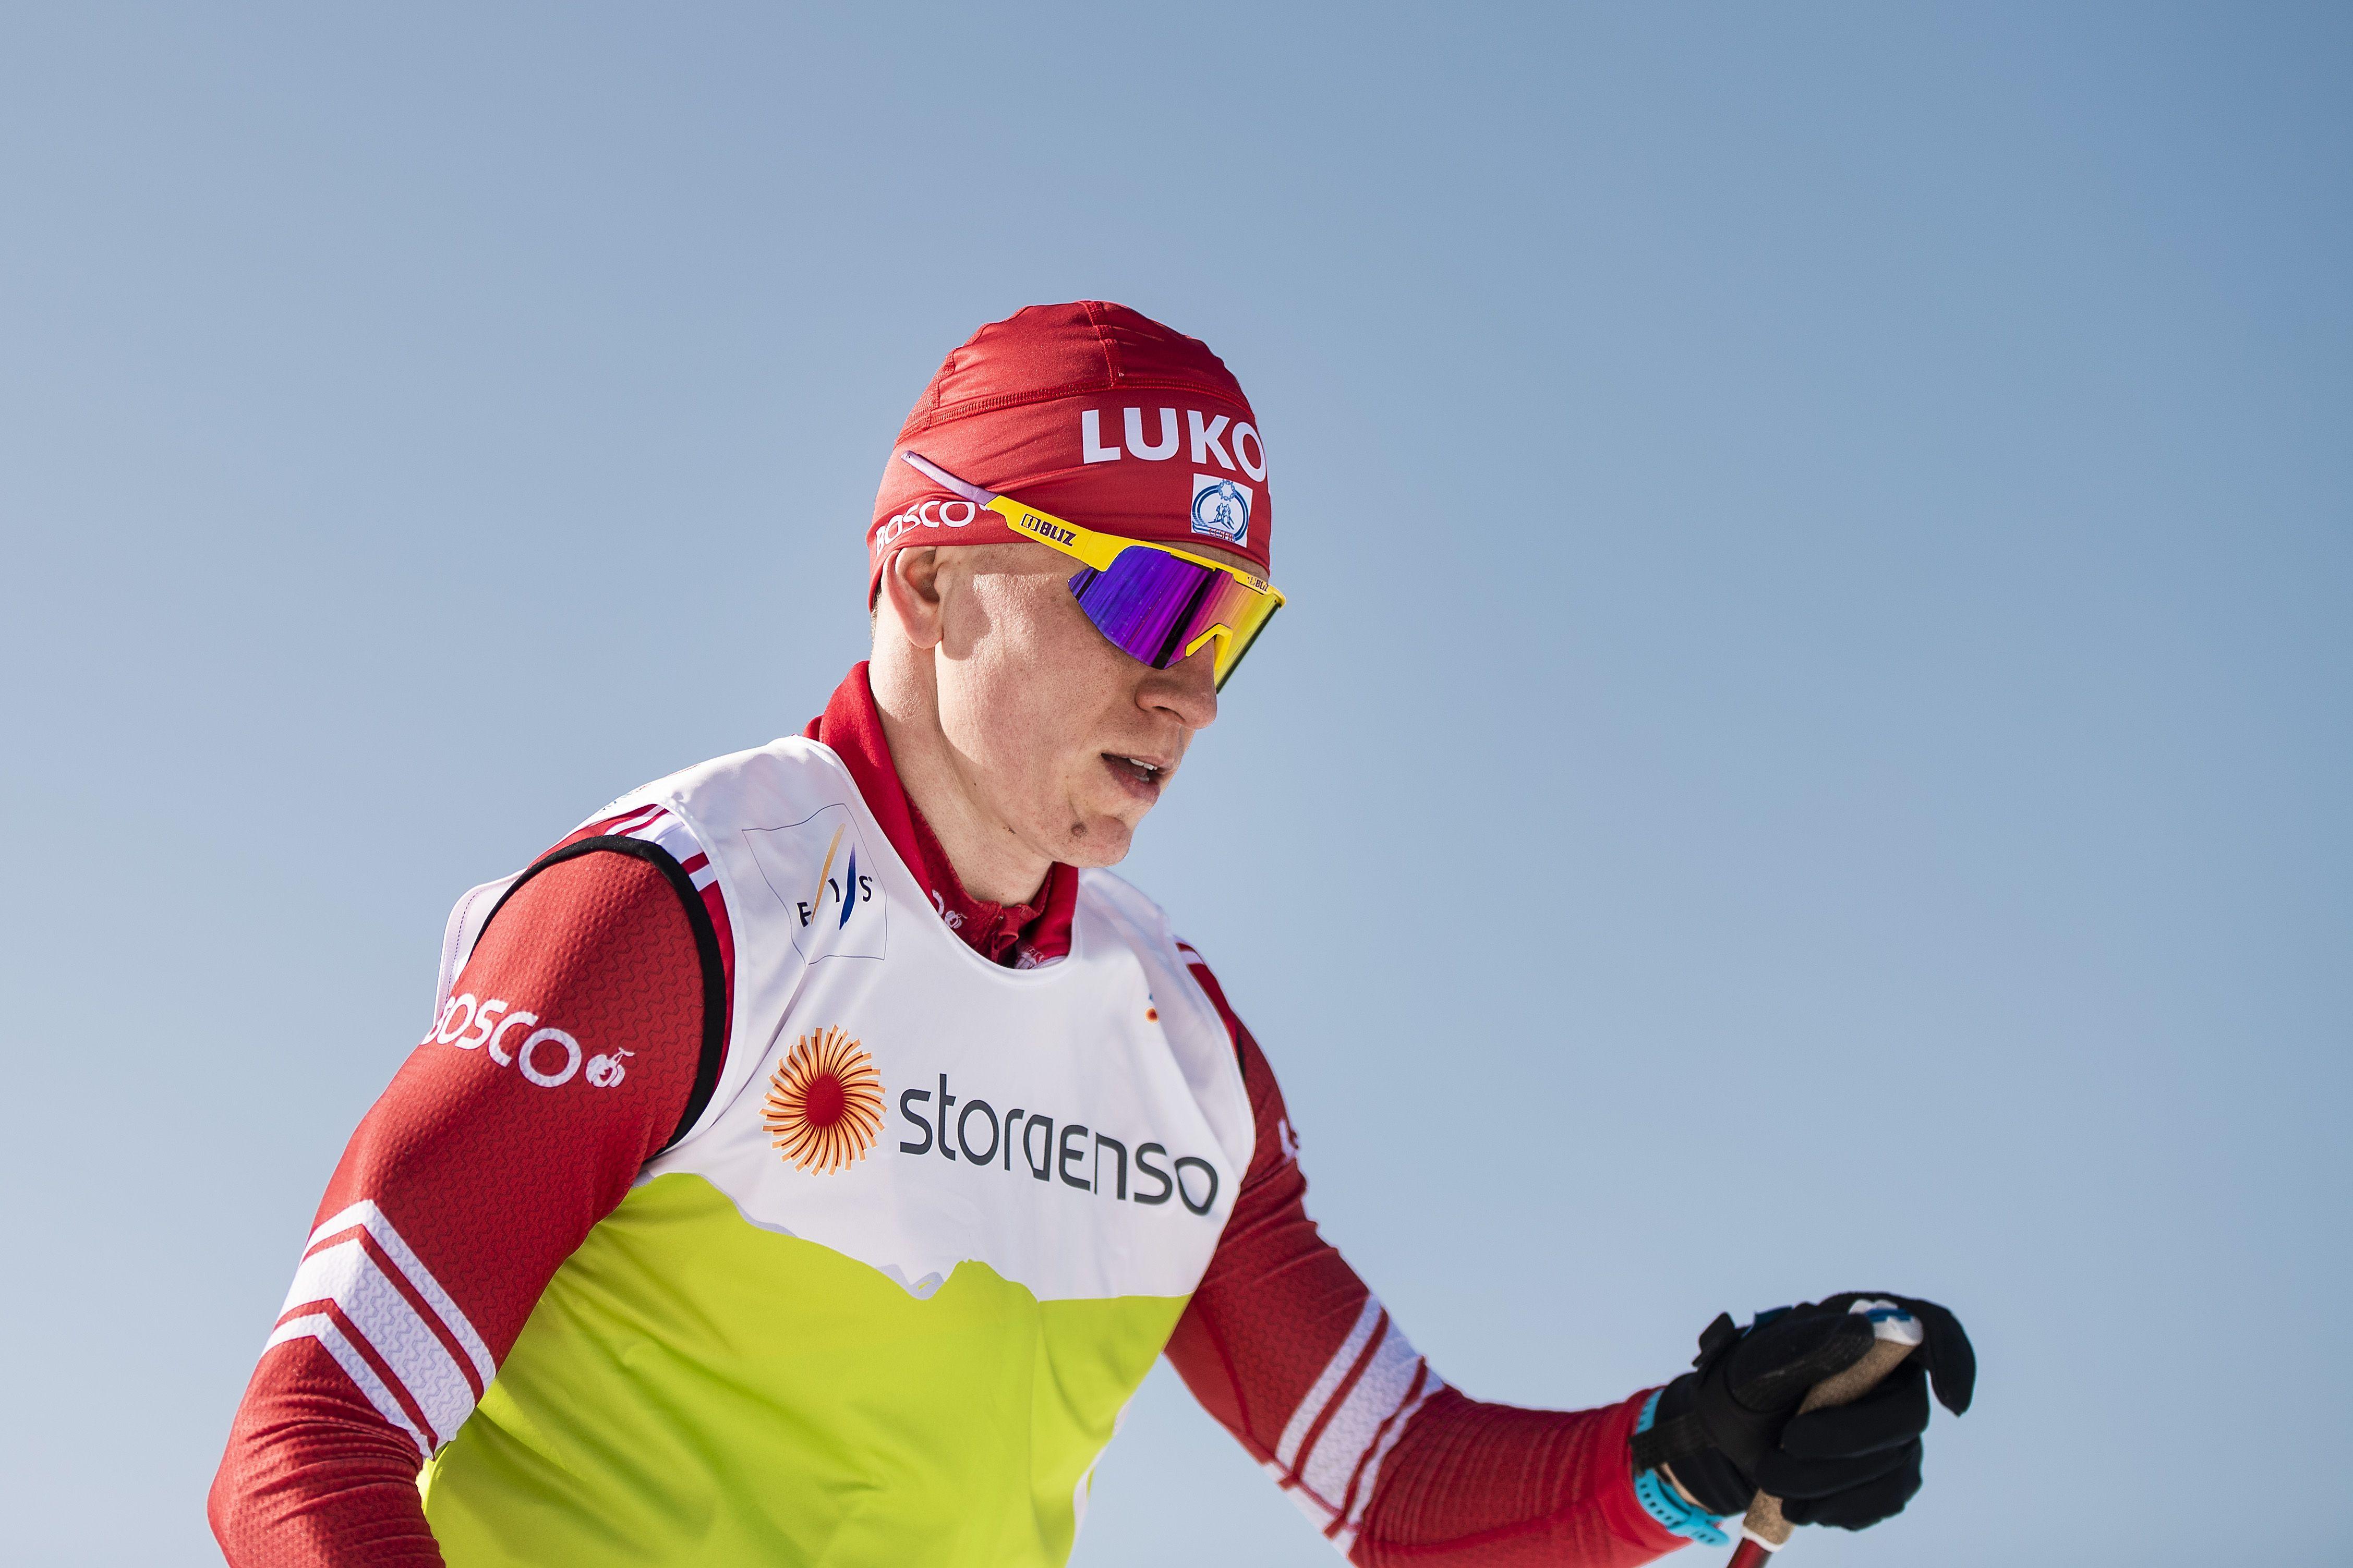 Тренер сборной России рассказал, почему Большунов остался без медали в спринте на ЧМ по лыжным гонкам